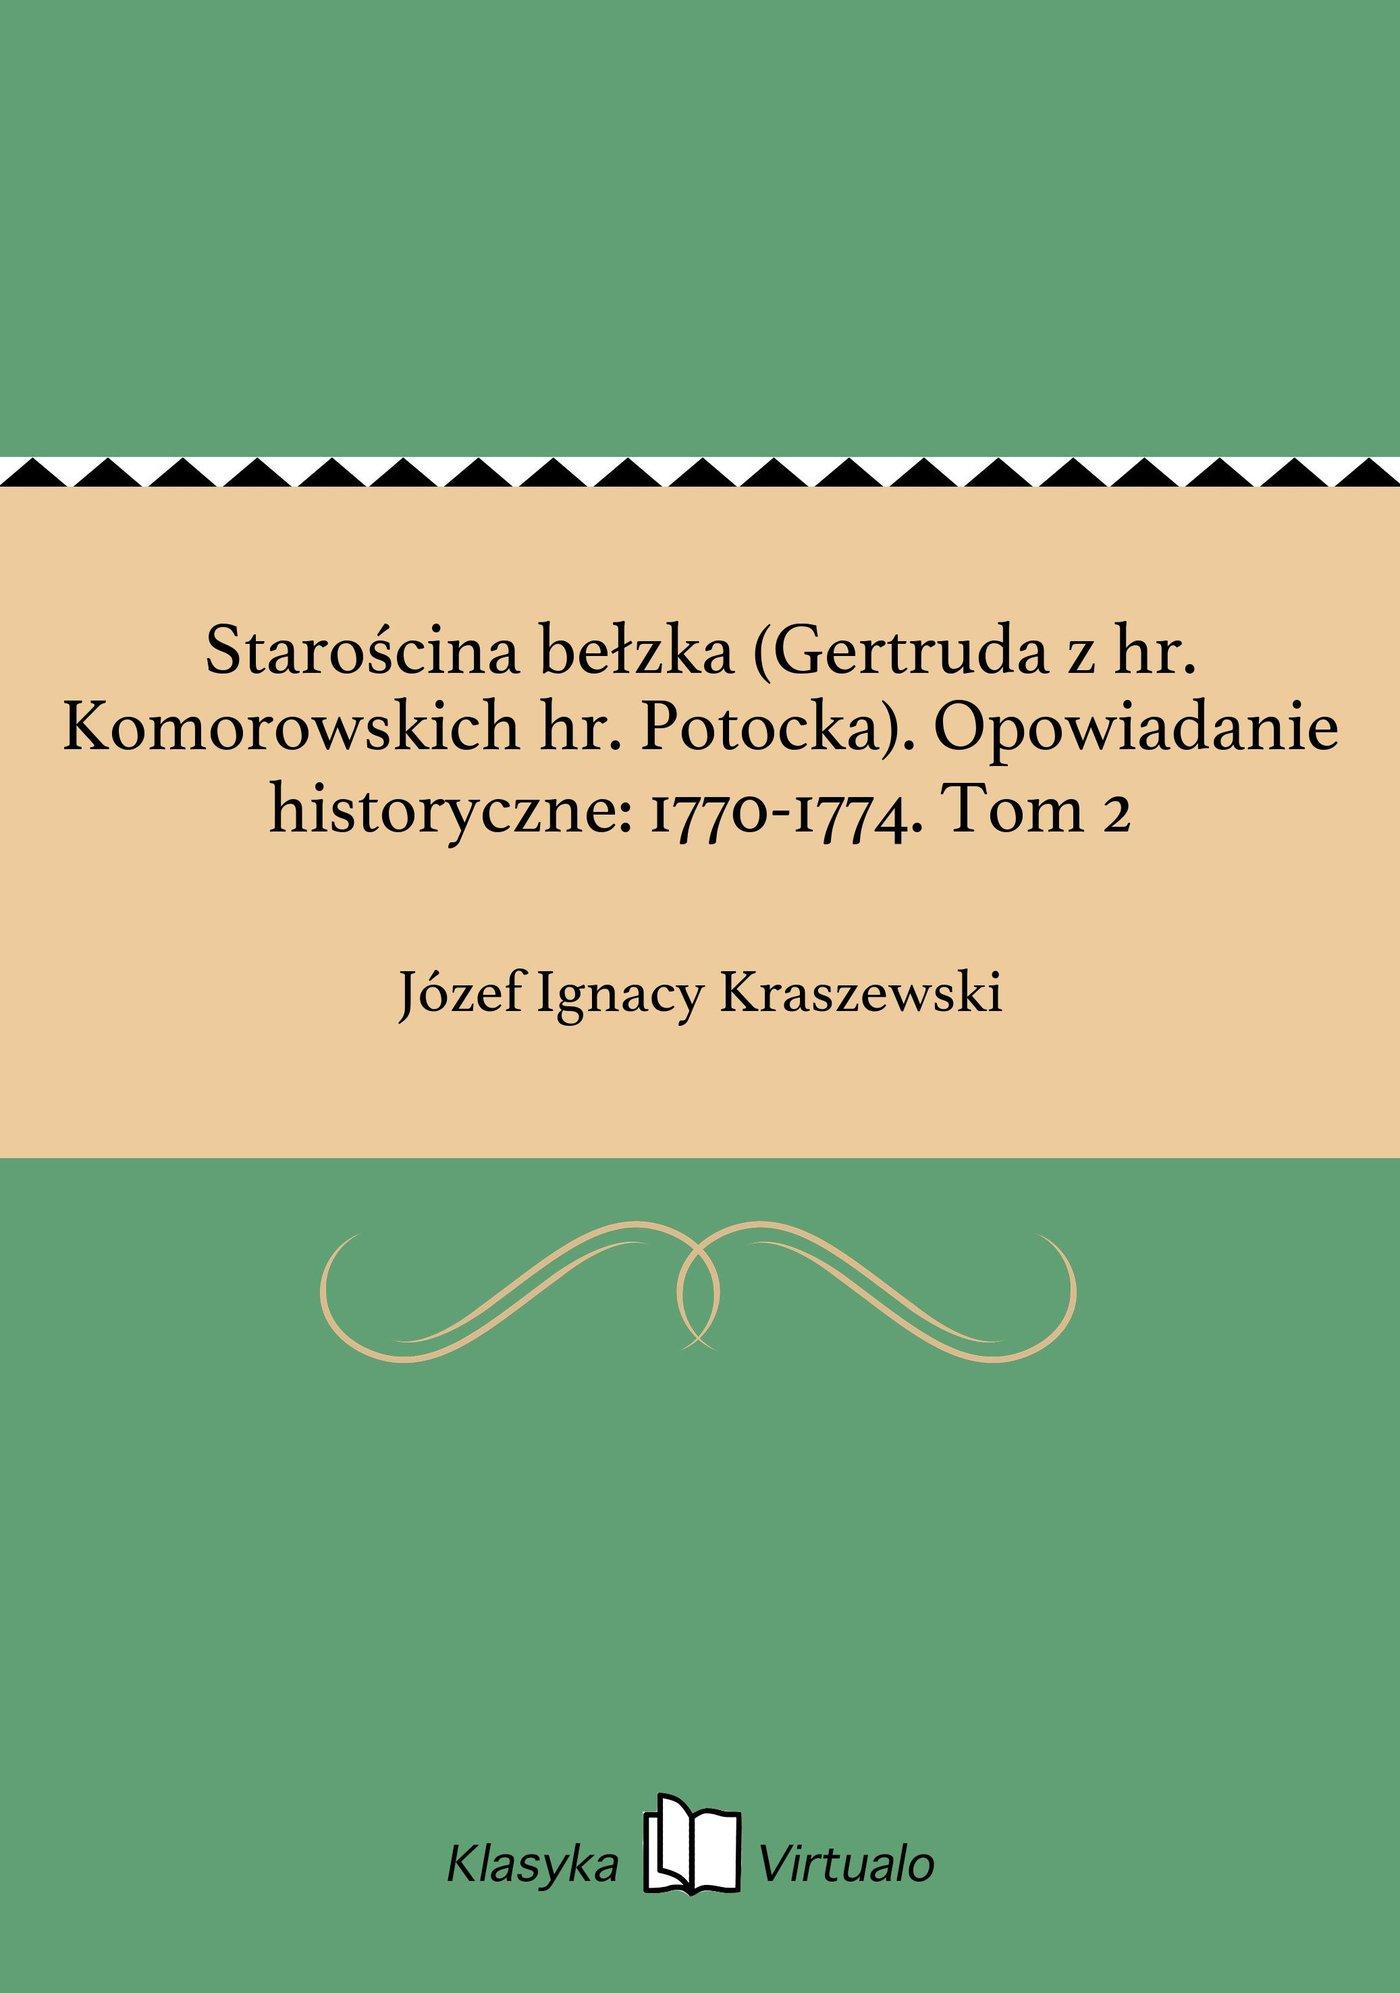 Starościna bełzka (Gertruda z hr. Komorowskich hr. Potocka). Opowiadanie historyczne: 1770-1774. Tom 2 - Ebook (Książka EPUB) do pobrania w formacie EPUB